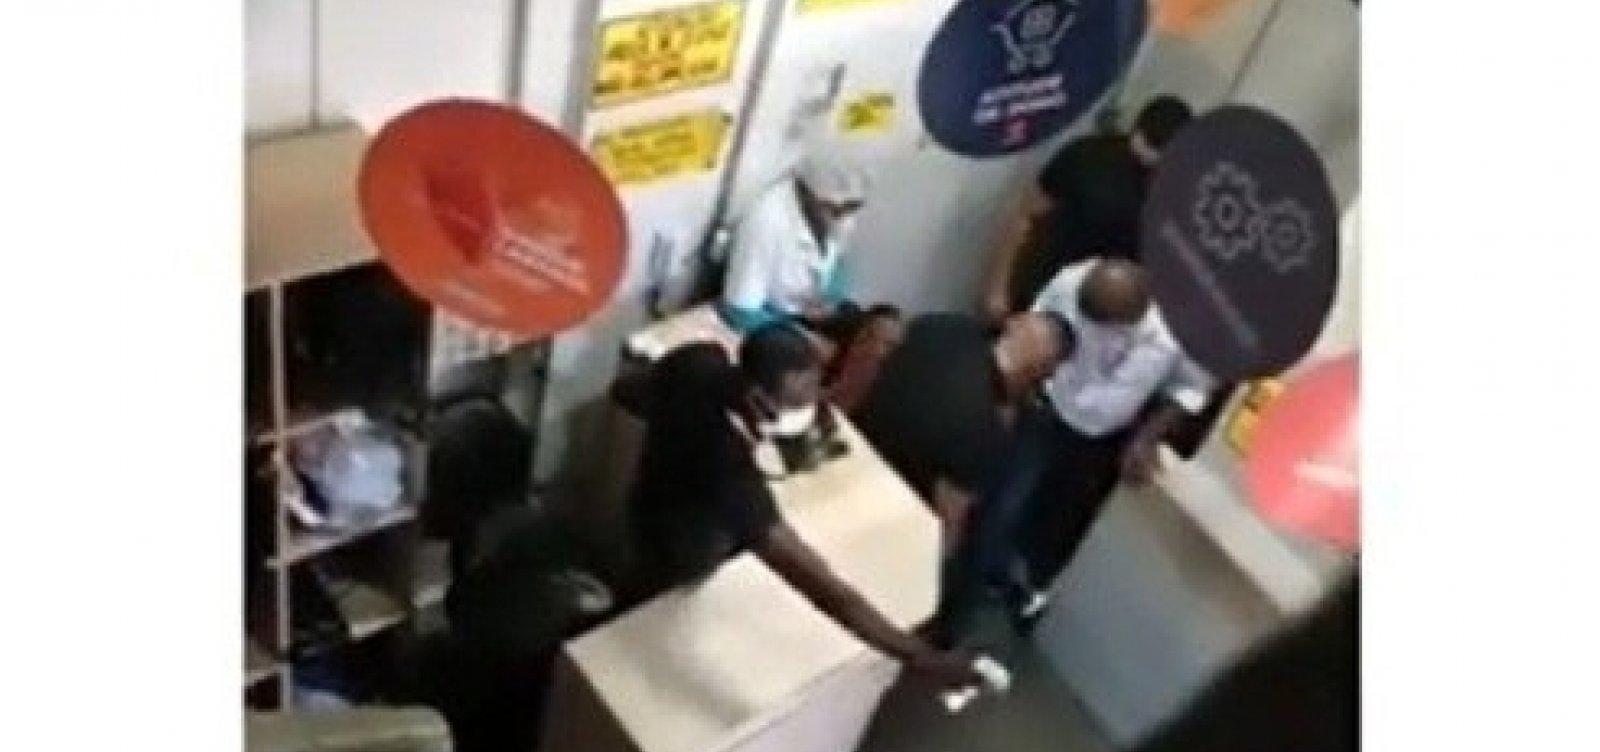 Oitavo suspeito de envolvimento no 'Caso Atakarejo' é preso em Salvador